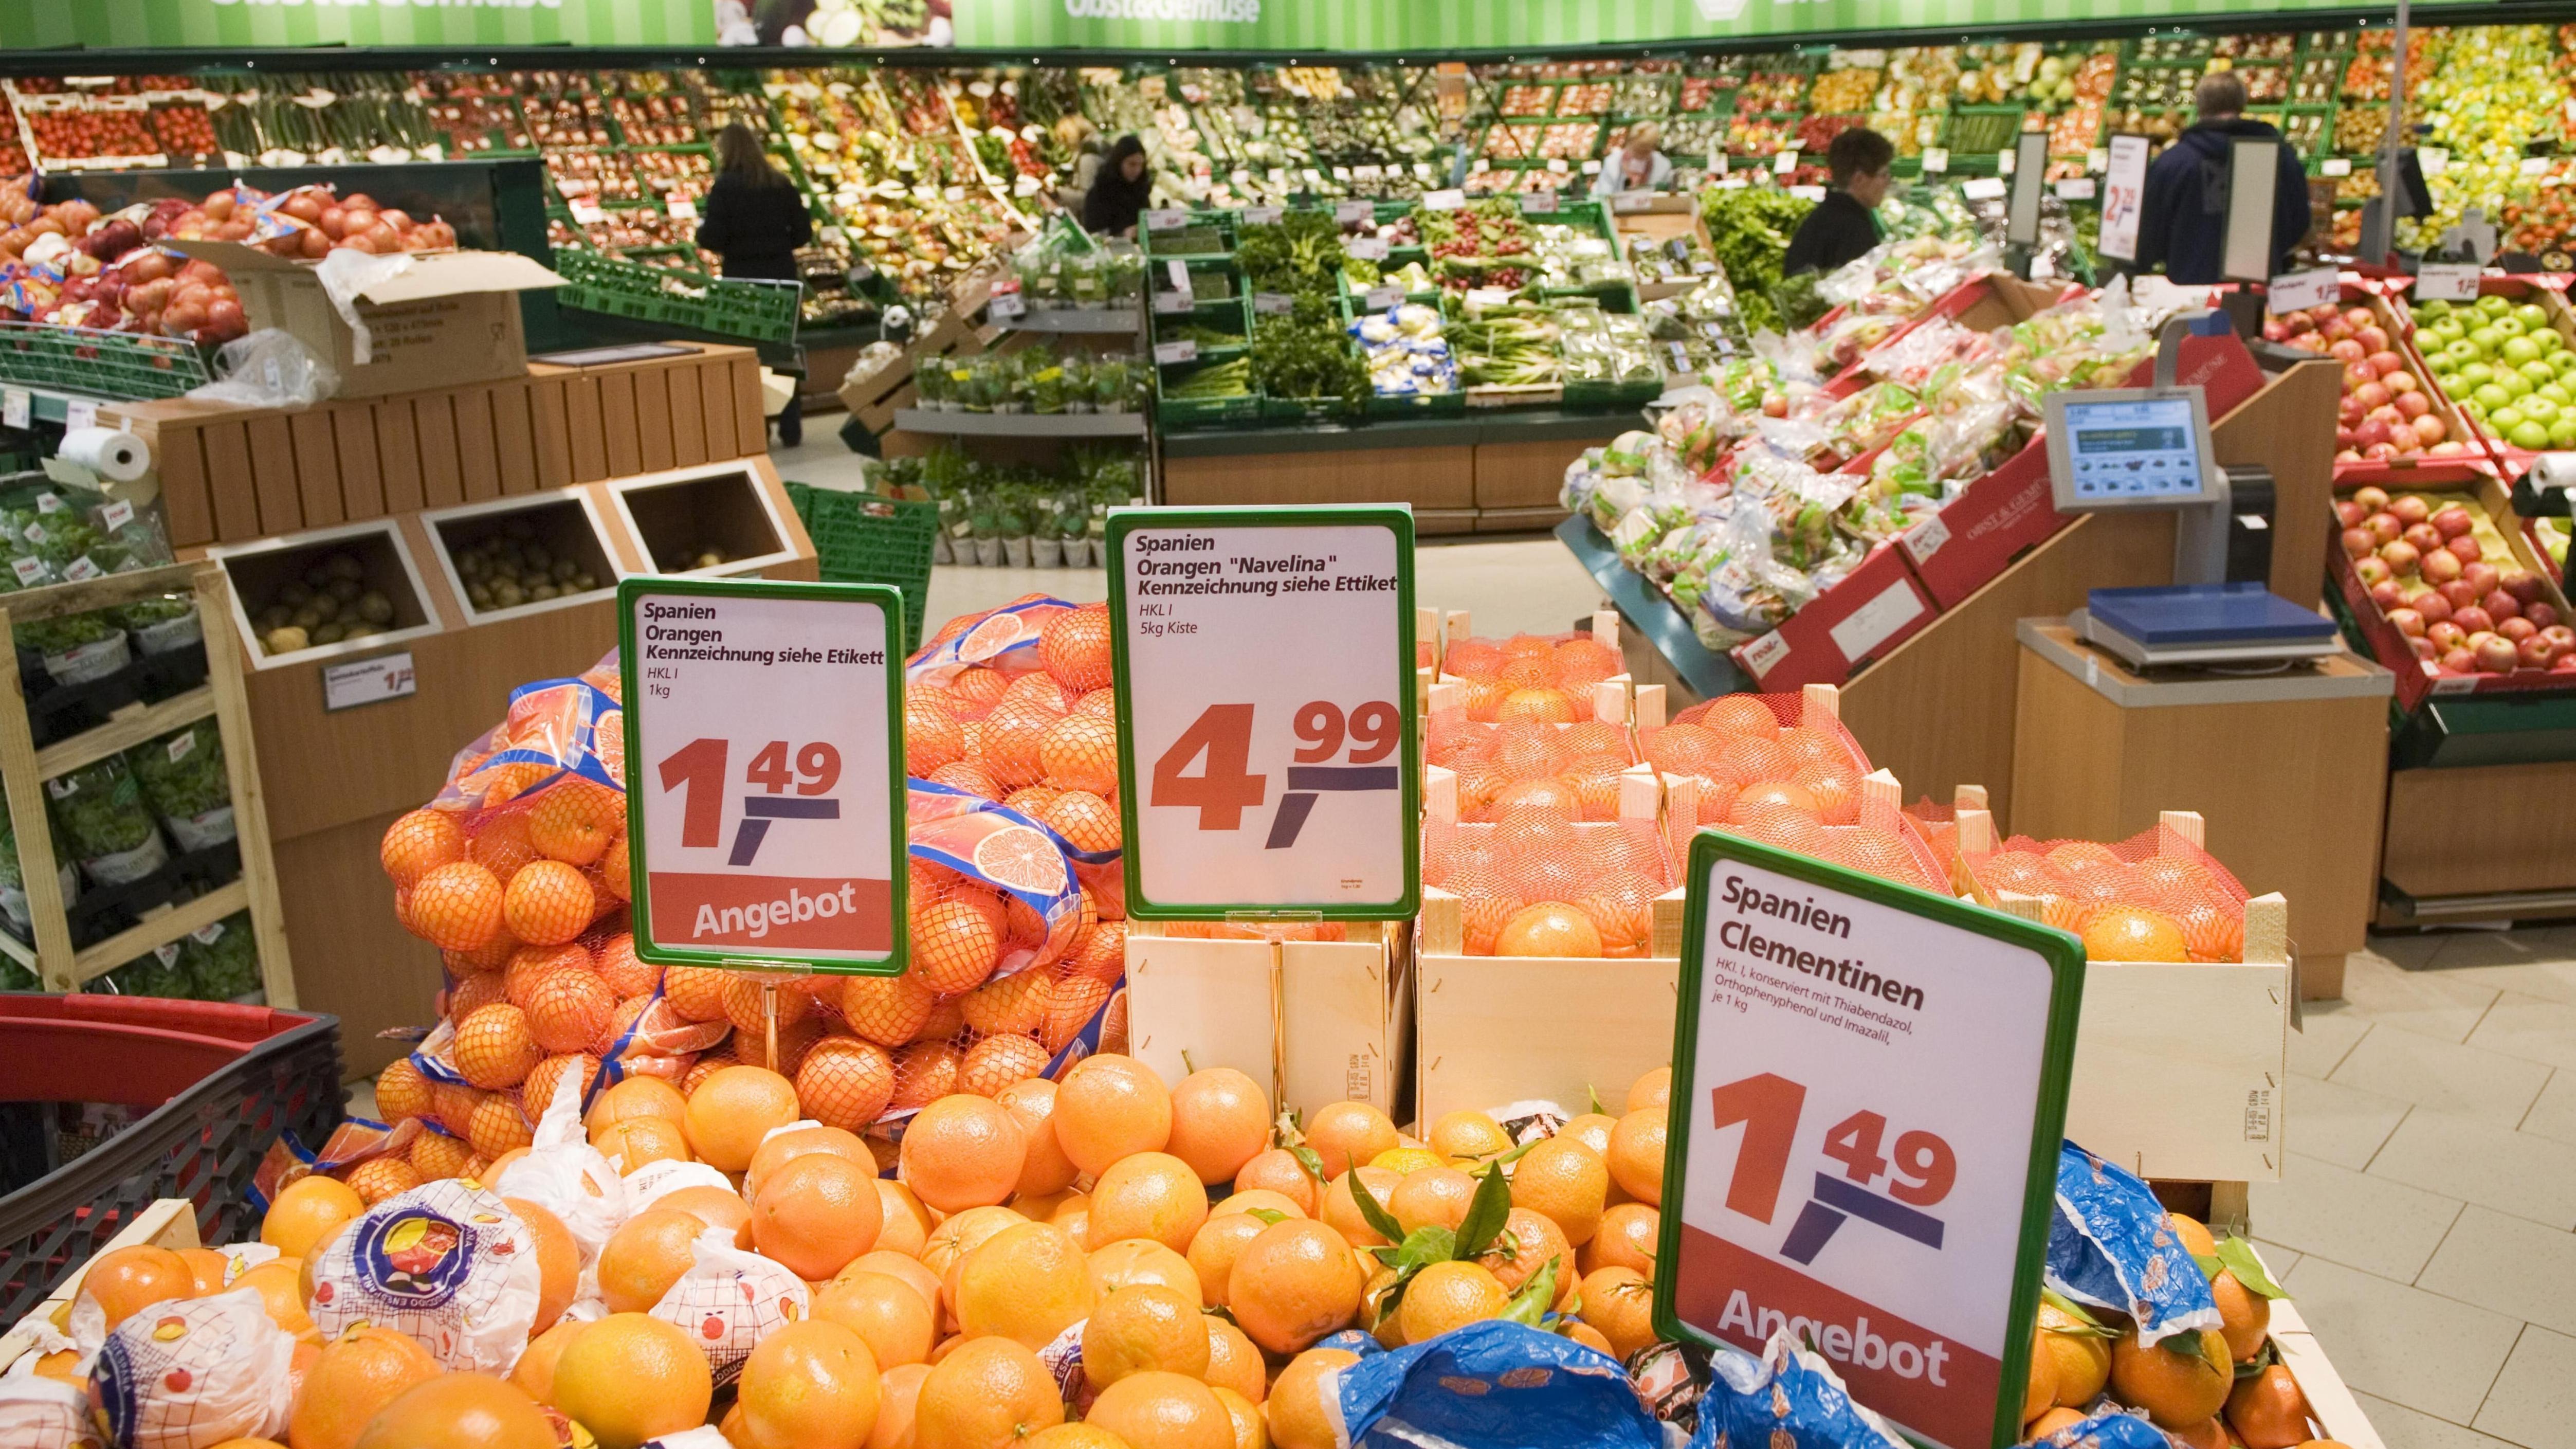 Preisschilder in einer Obst- und Gemüseabteilung